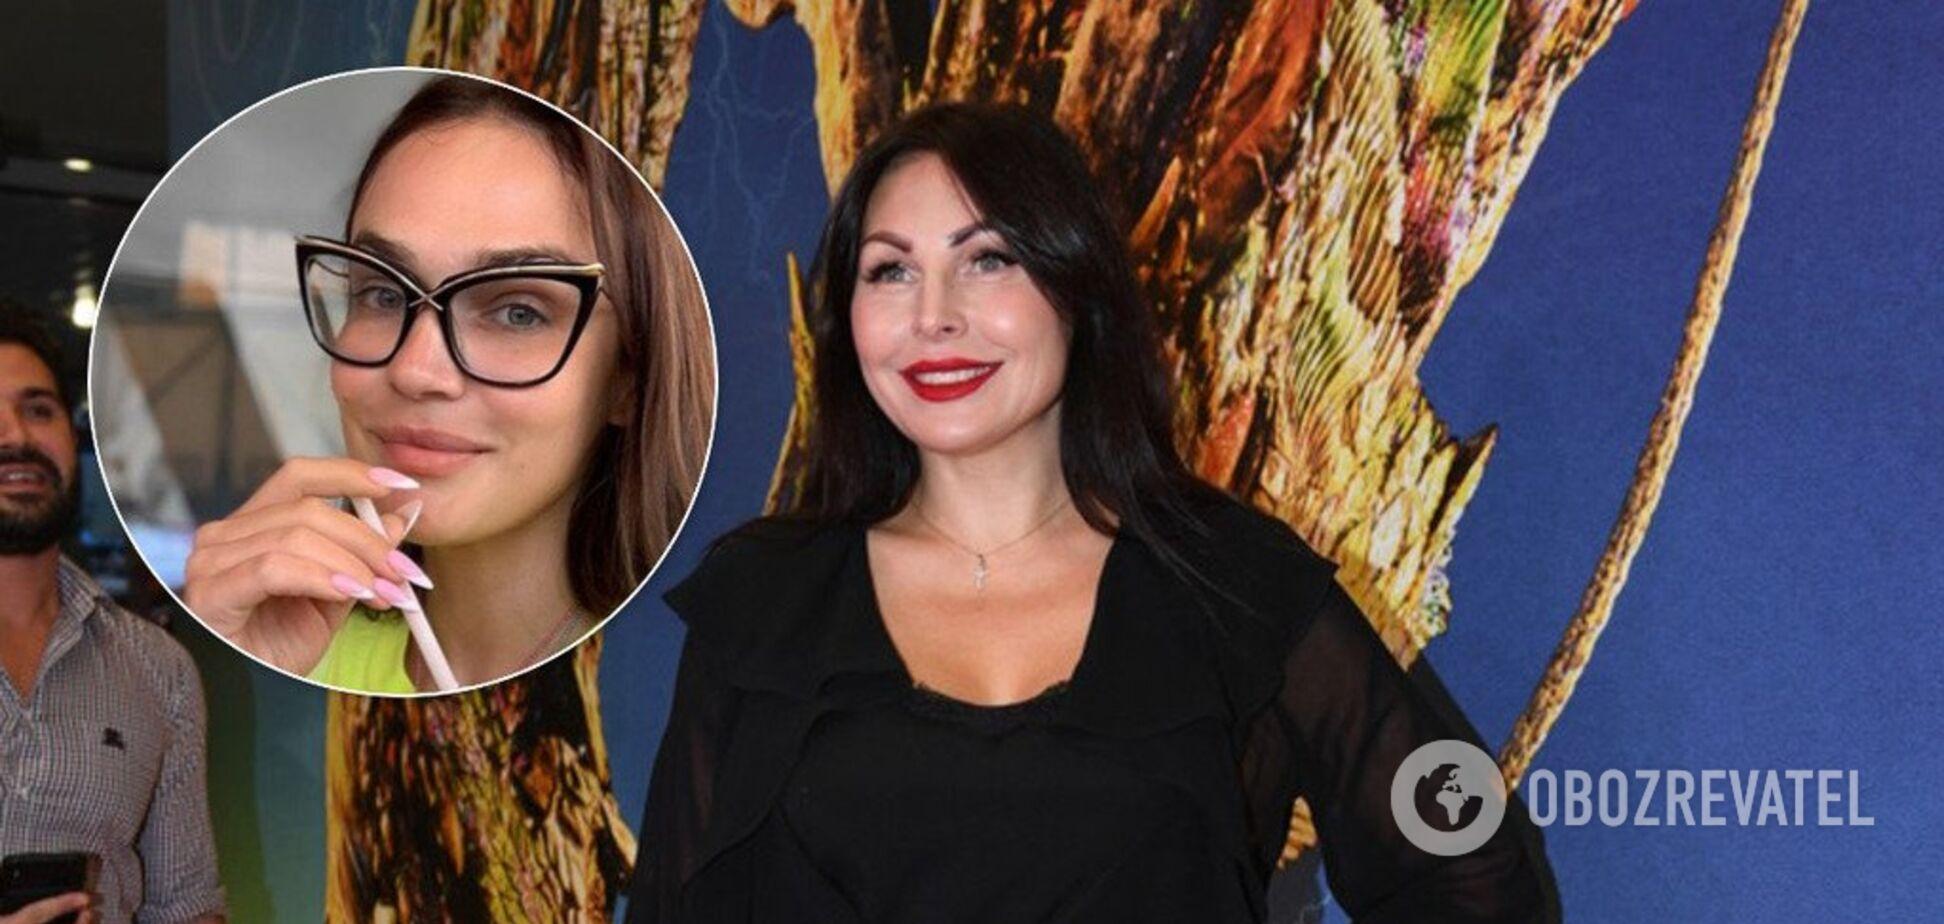 'Вживають ла*но!' Водонаєва відреагувала на скандал із наркотиками навколо Бочкарьової